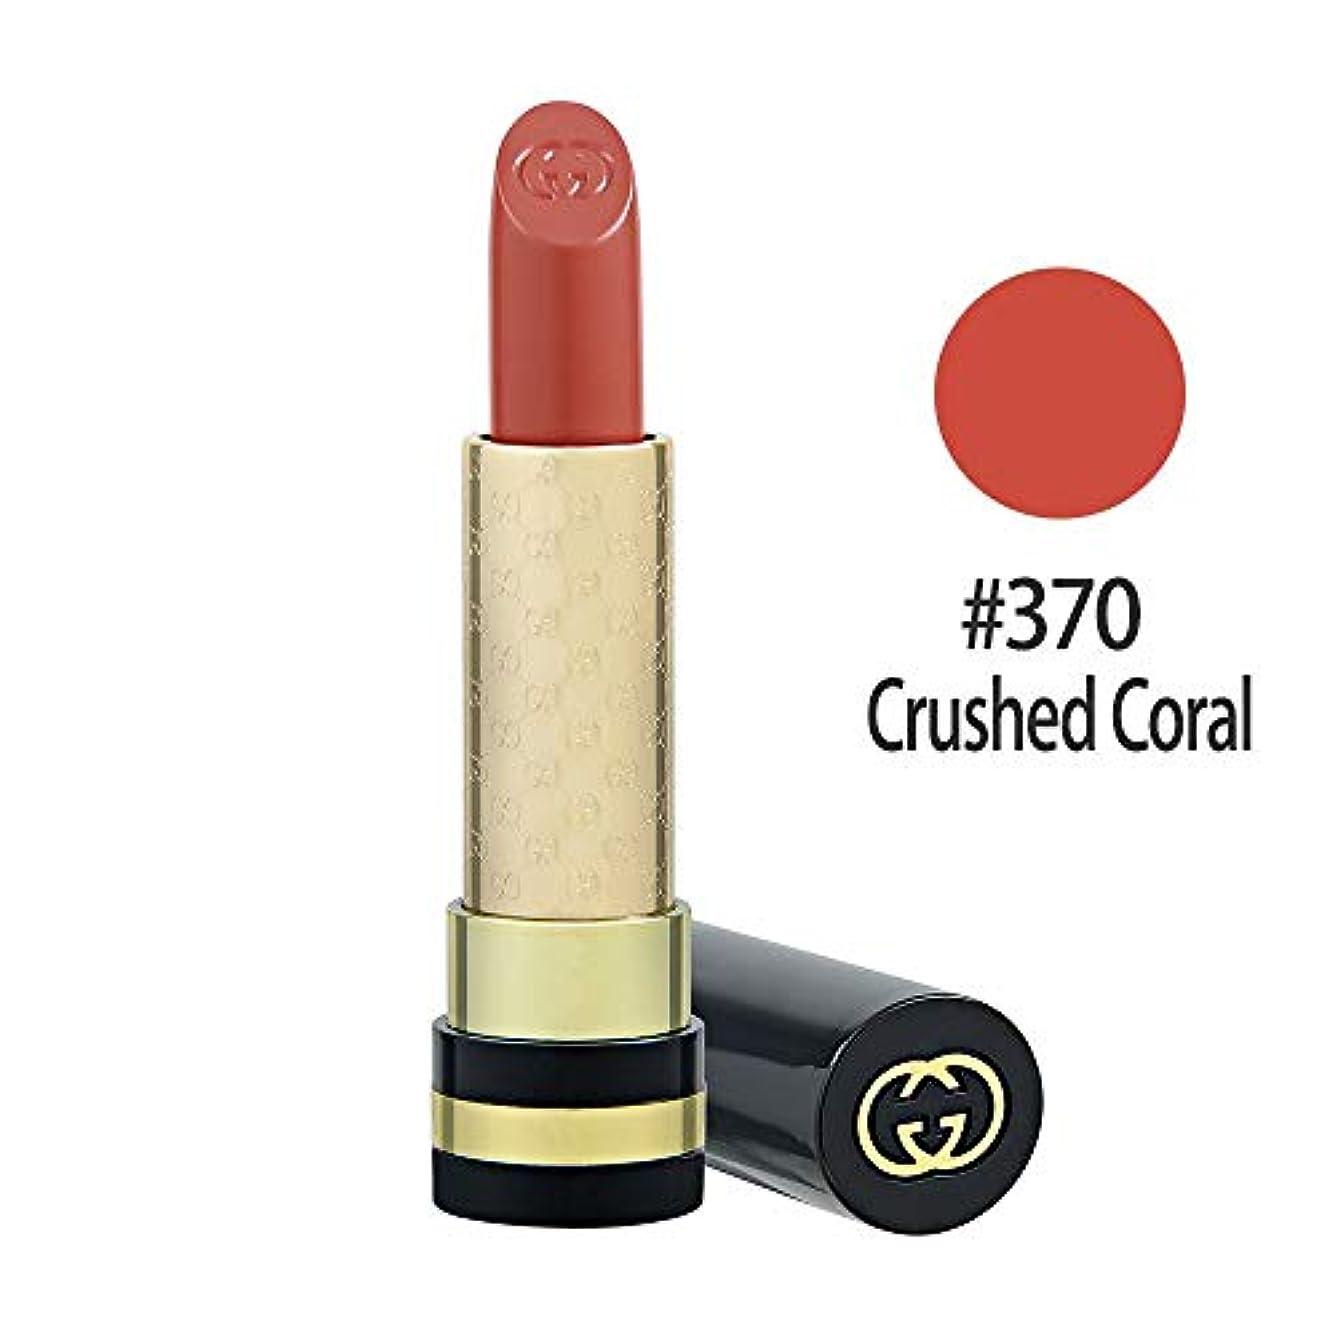 バンカー国旗熟練したGucci ラグジュリアスモイスチャーリッチリップスティック #370 CRUSHED CORAL 3.5g [842776] [並行輸入品]